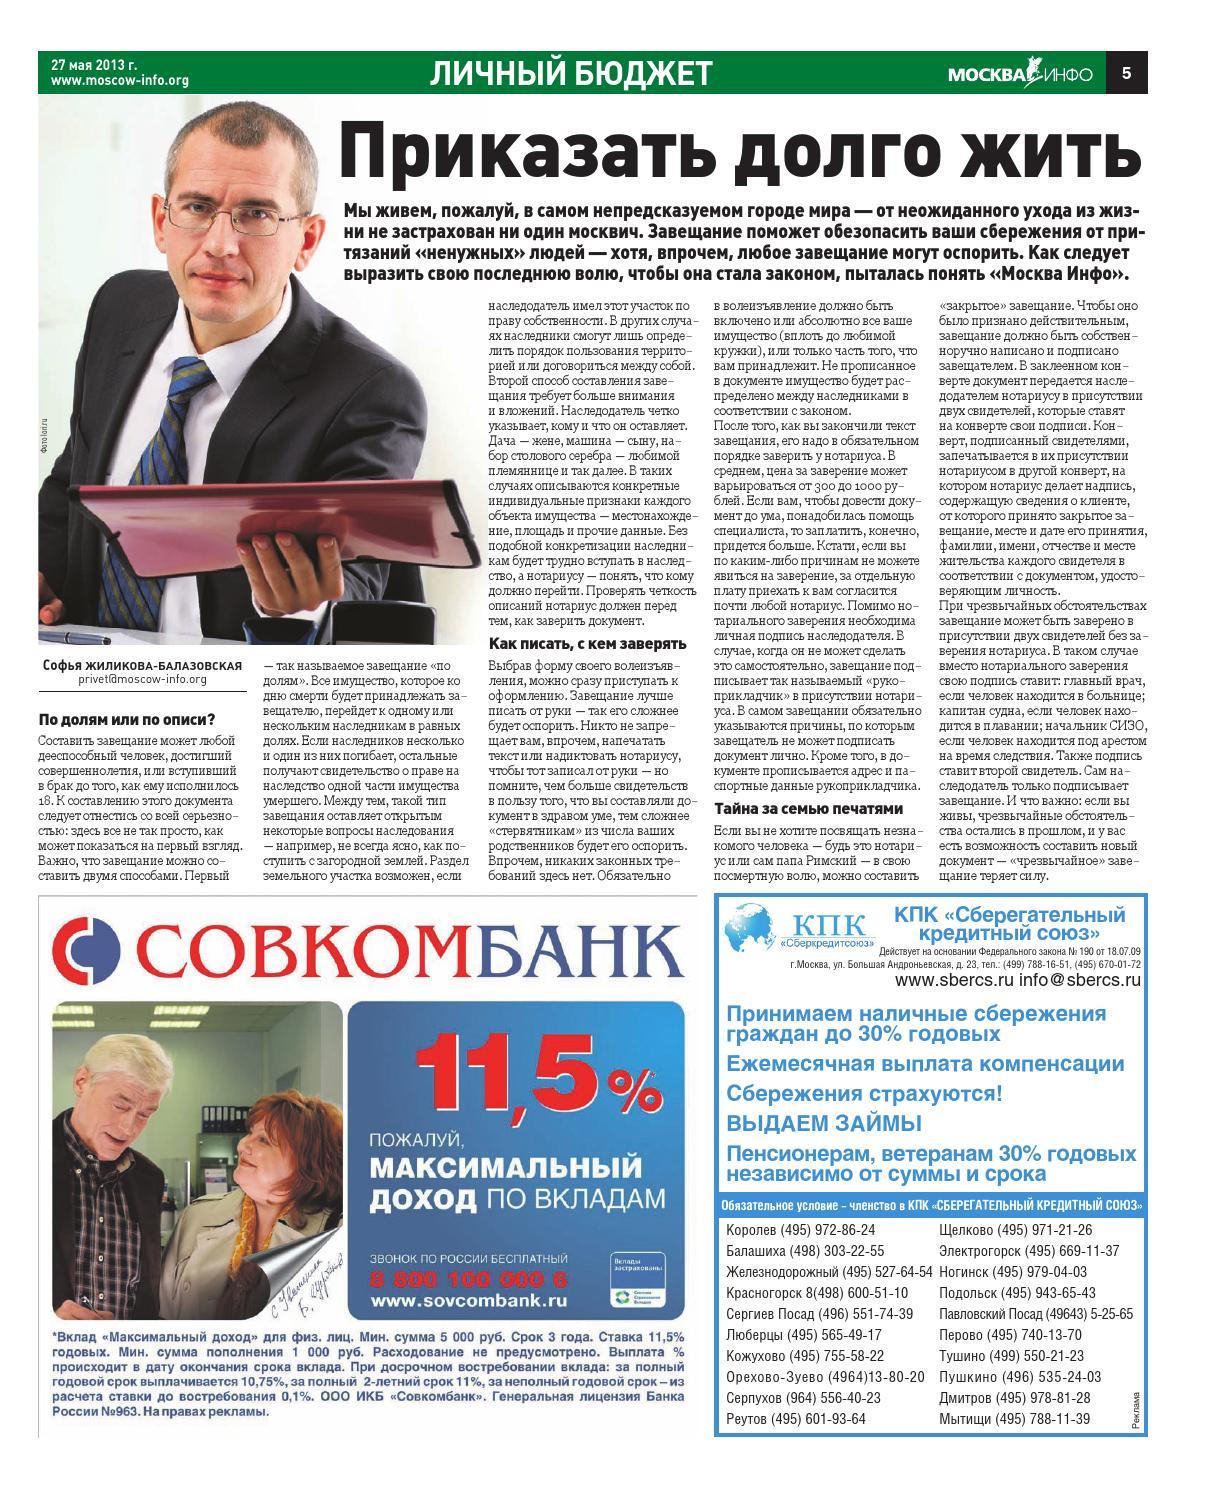 камень газеты москвы фото говорить прыщах половых